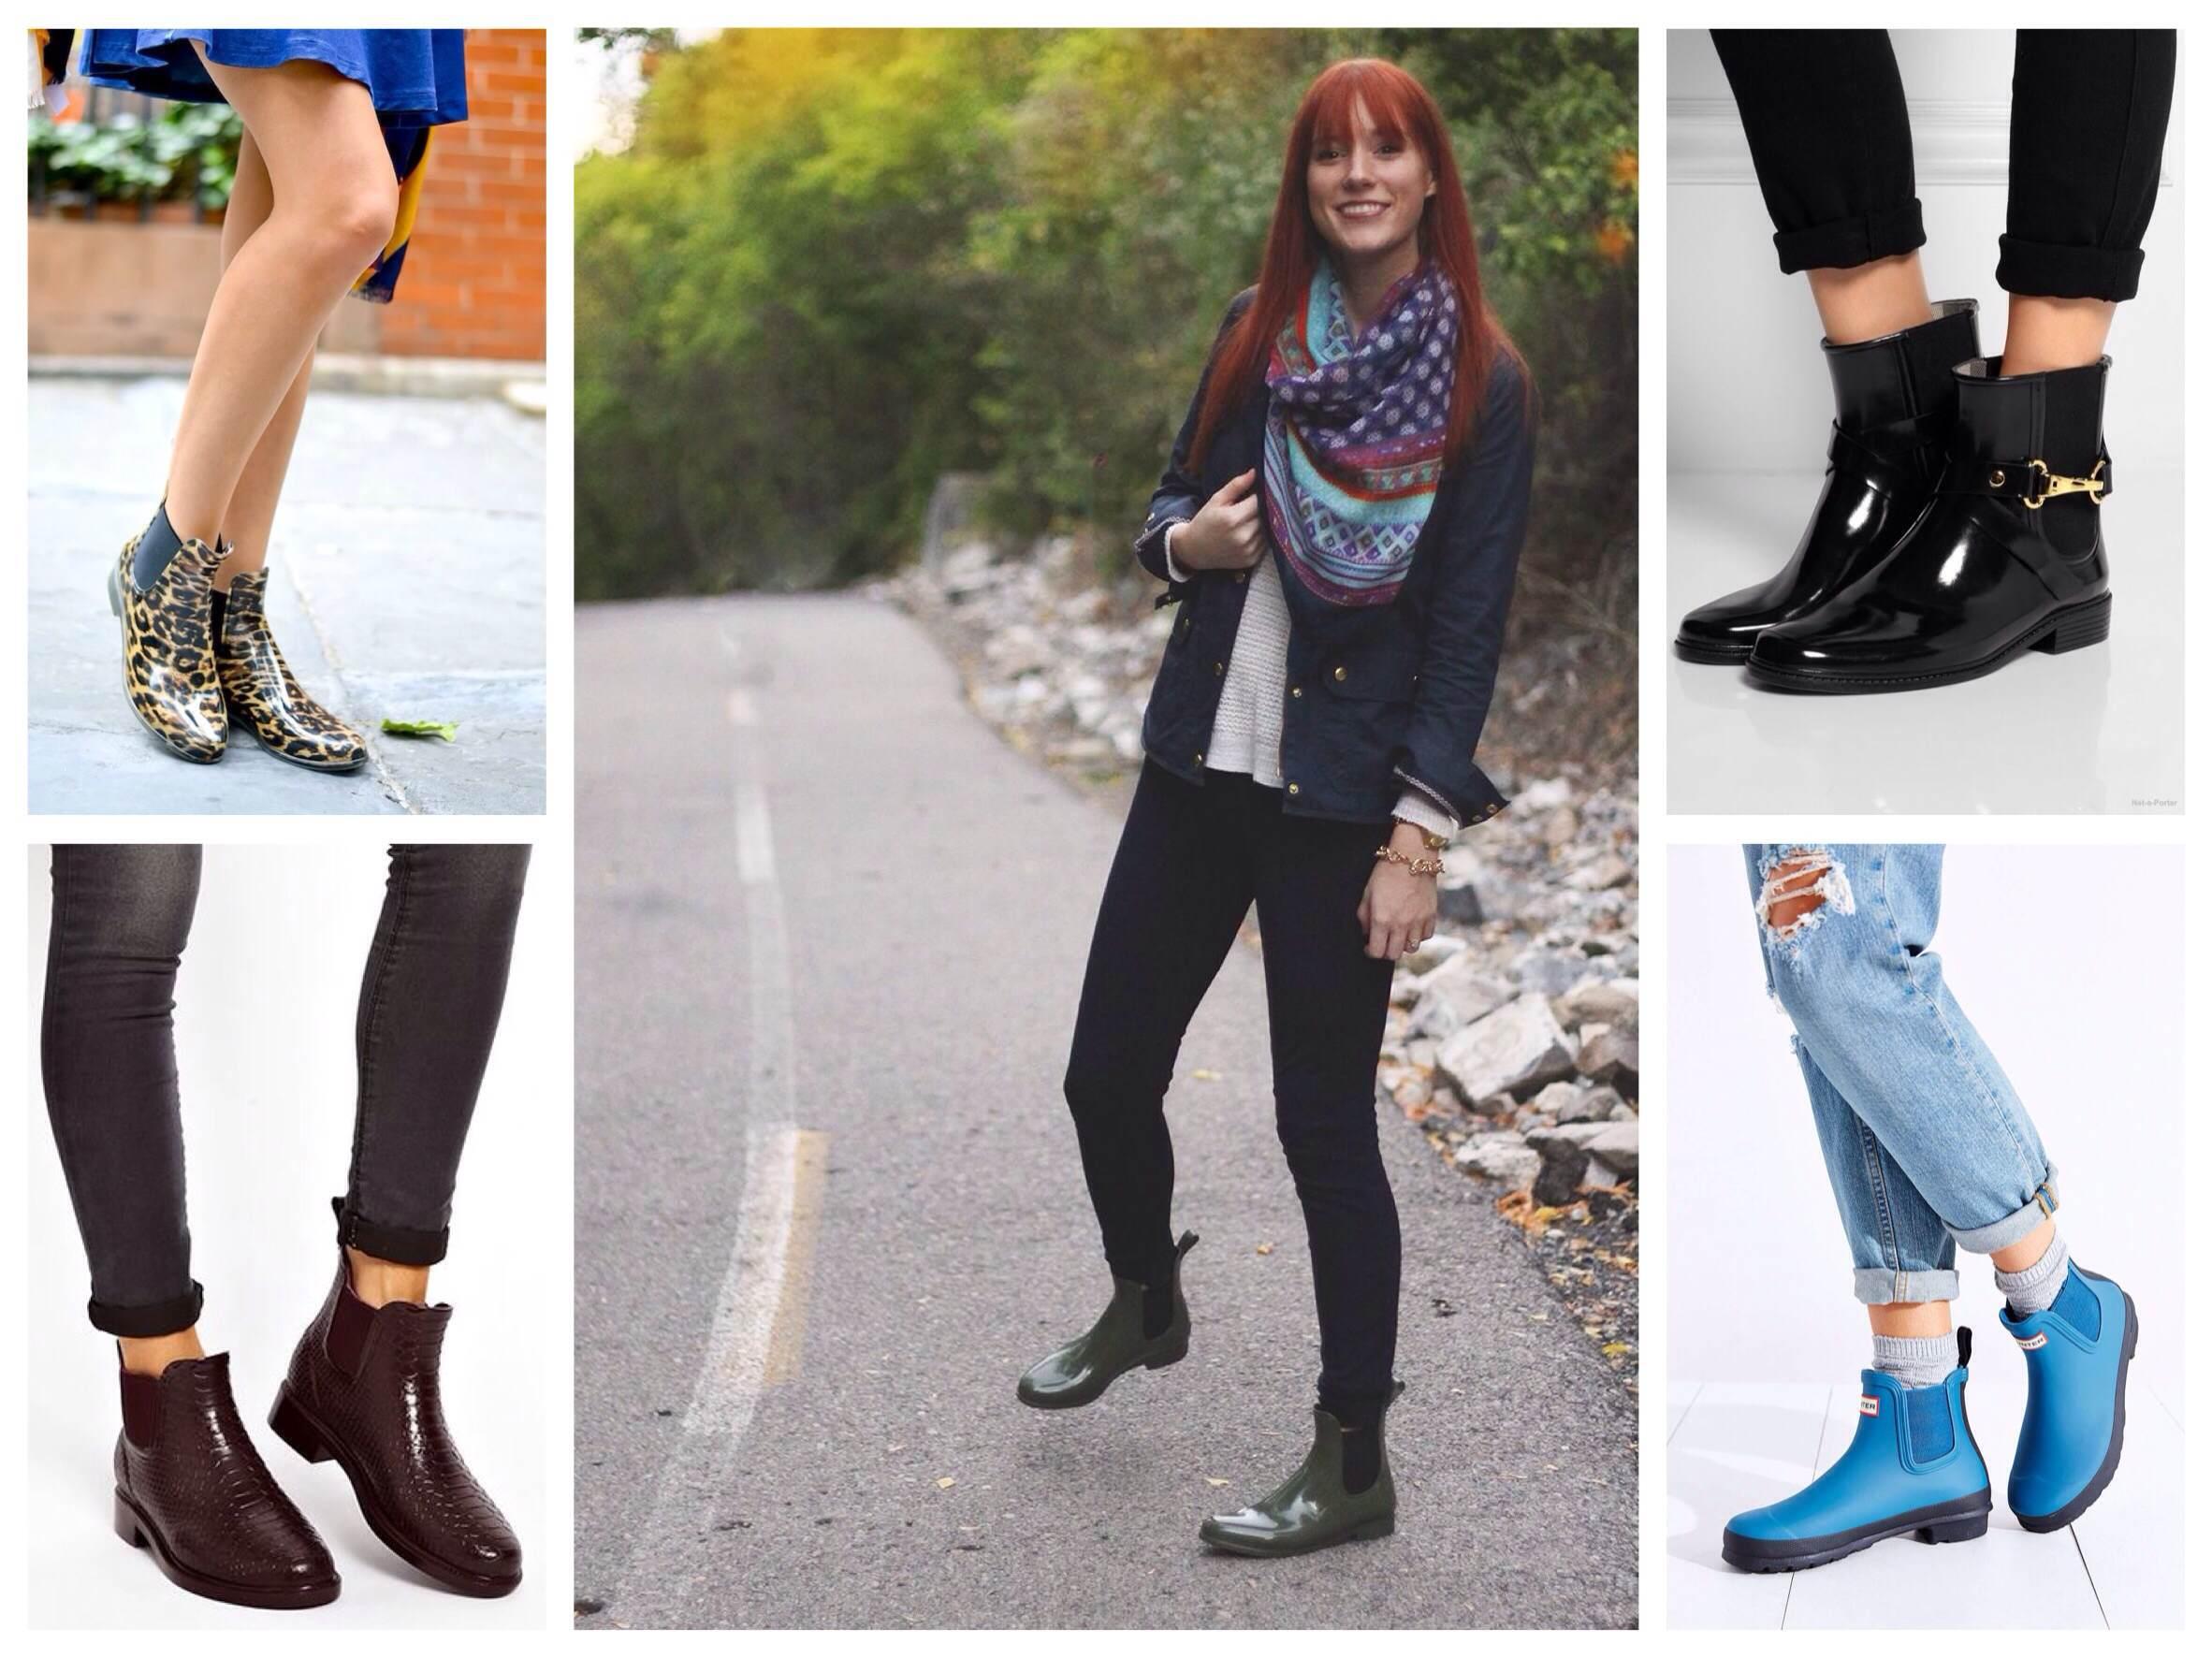 7d9b7eede С чем носить резиновые сапоги: фото, советы